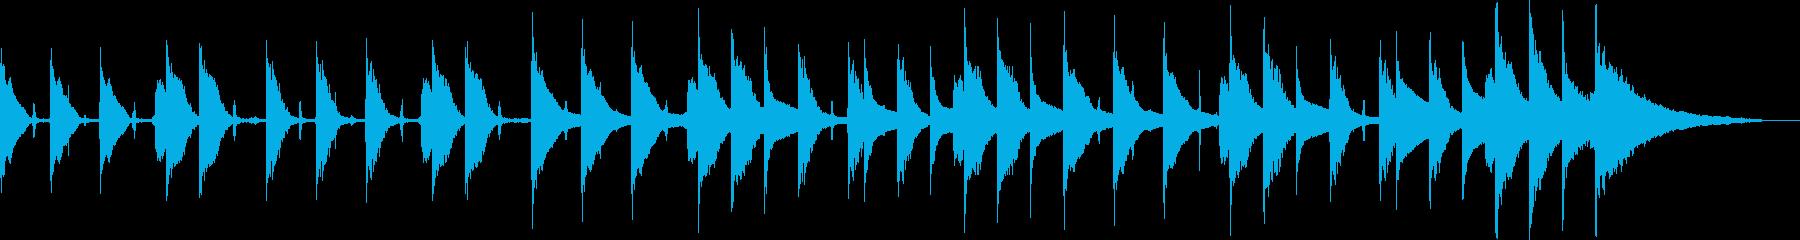 軽快なピアノとベルのBGMの再生済みの波形